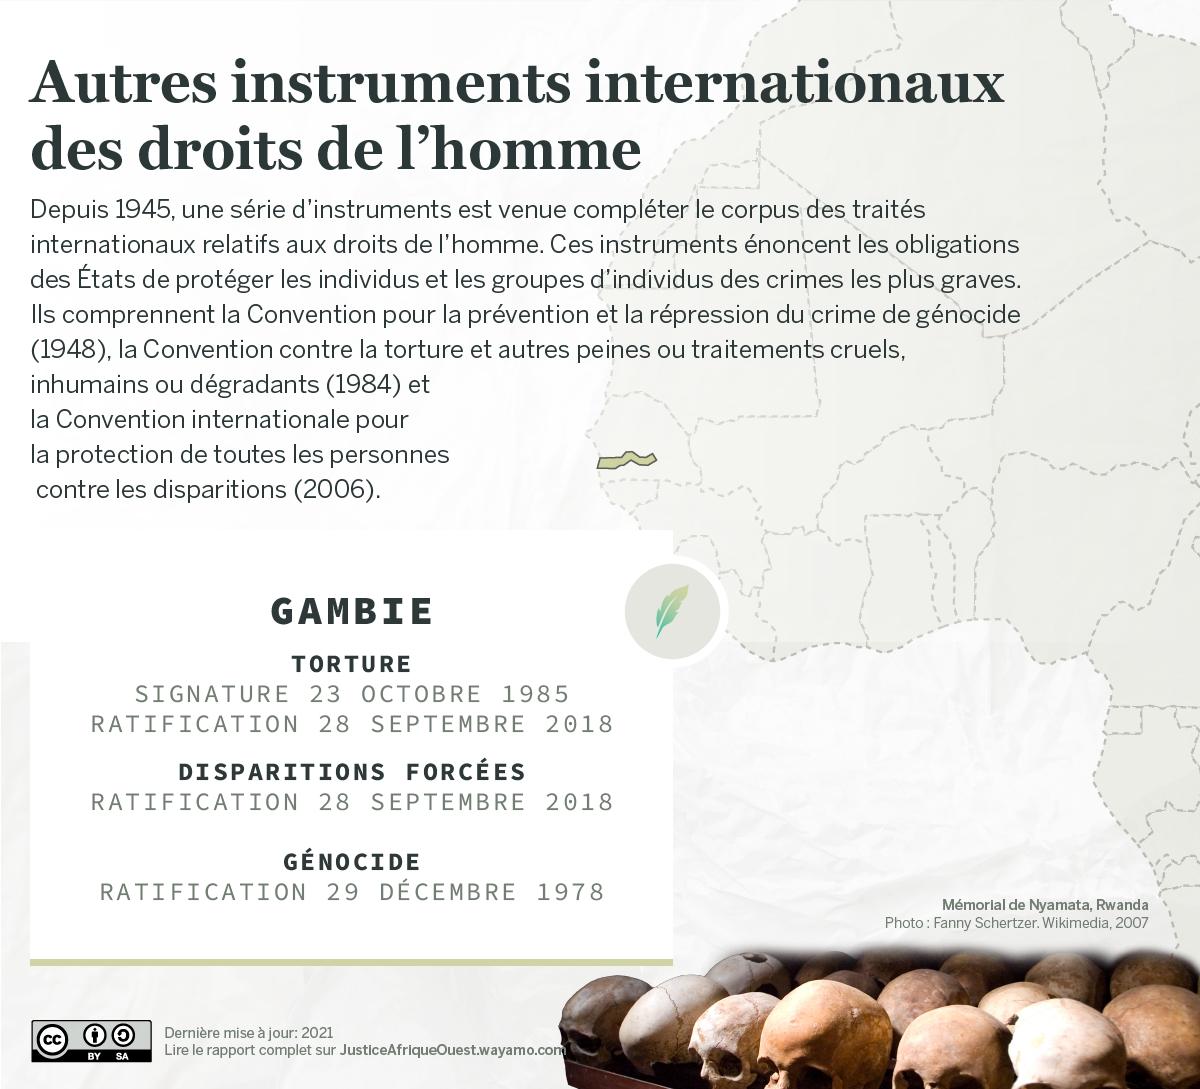 GAMBIE_Droits de l'homme_1 - Wayamo Foundation (CC BY-SA 4.0)